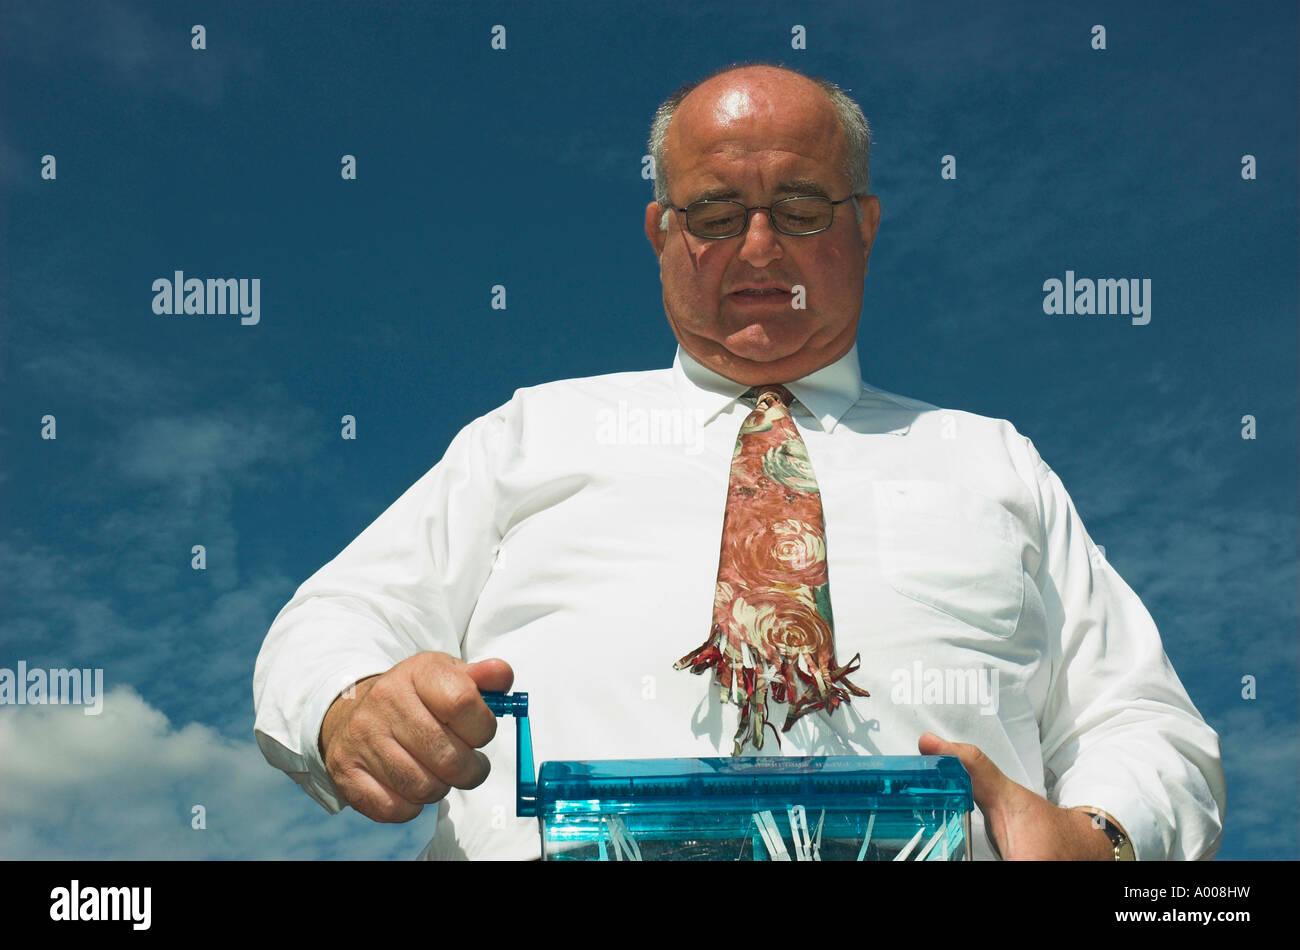 Mature businessman a un accident avec la déchiqueteuse! Photo Stock